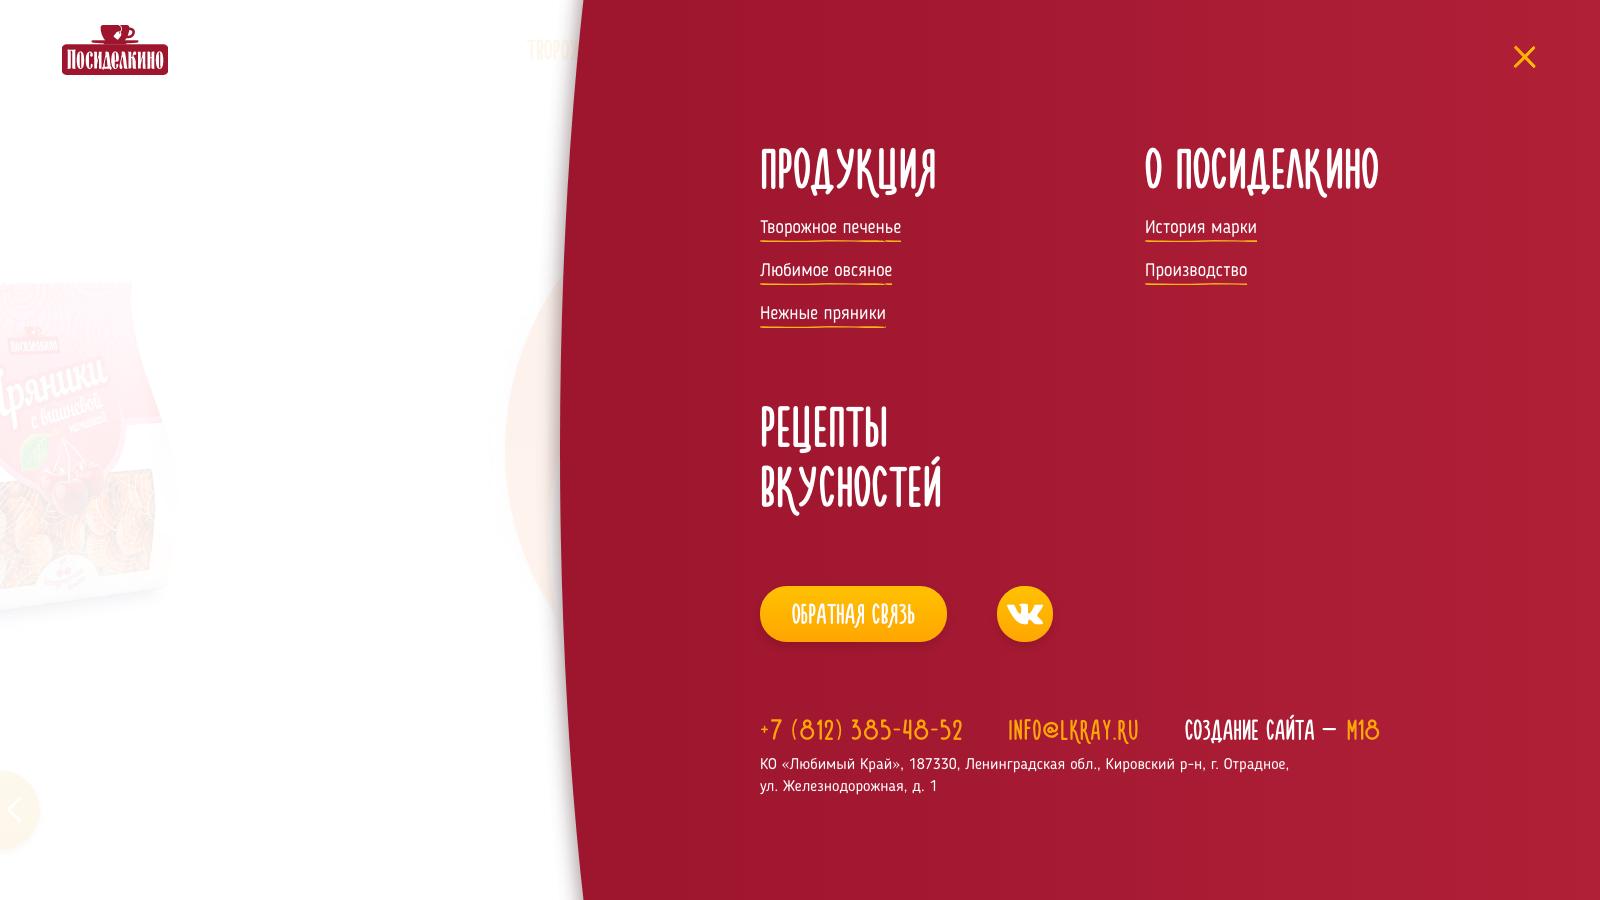 Сайт о продукции «Посиделкино»